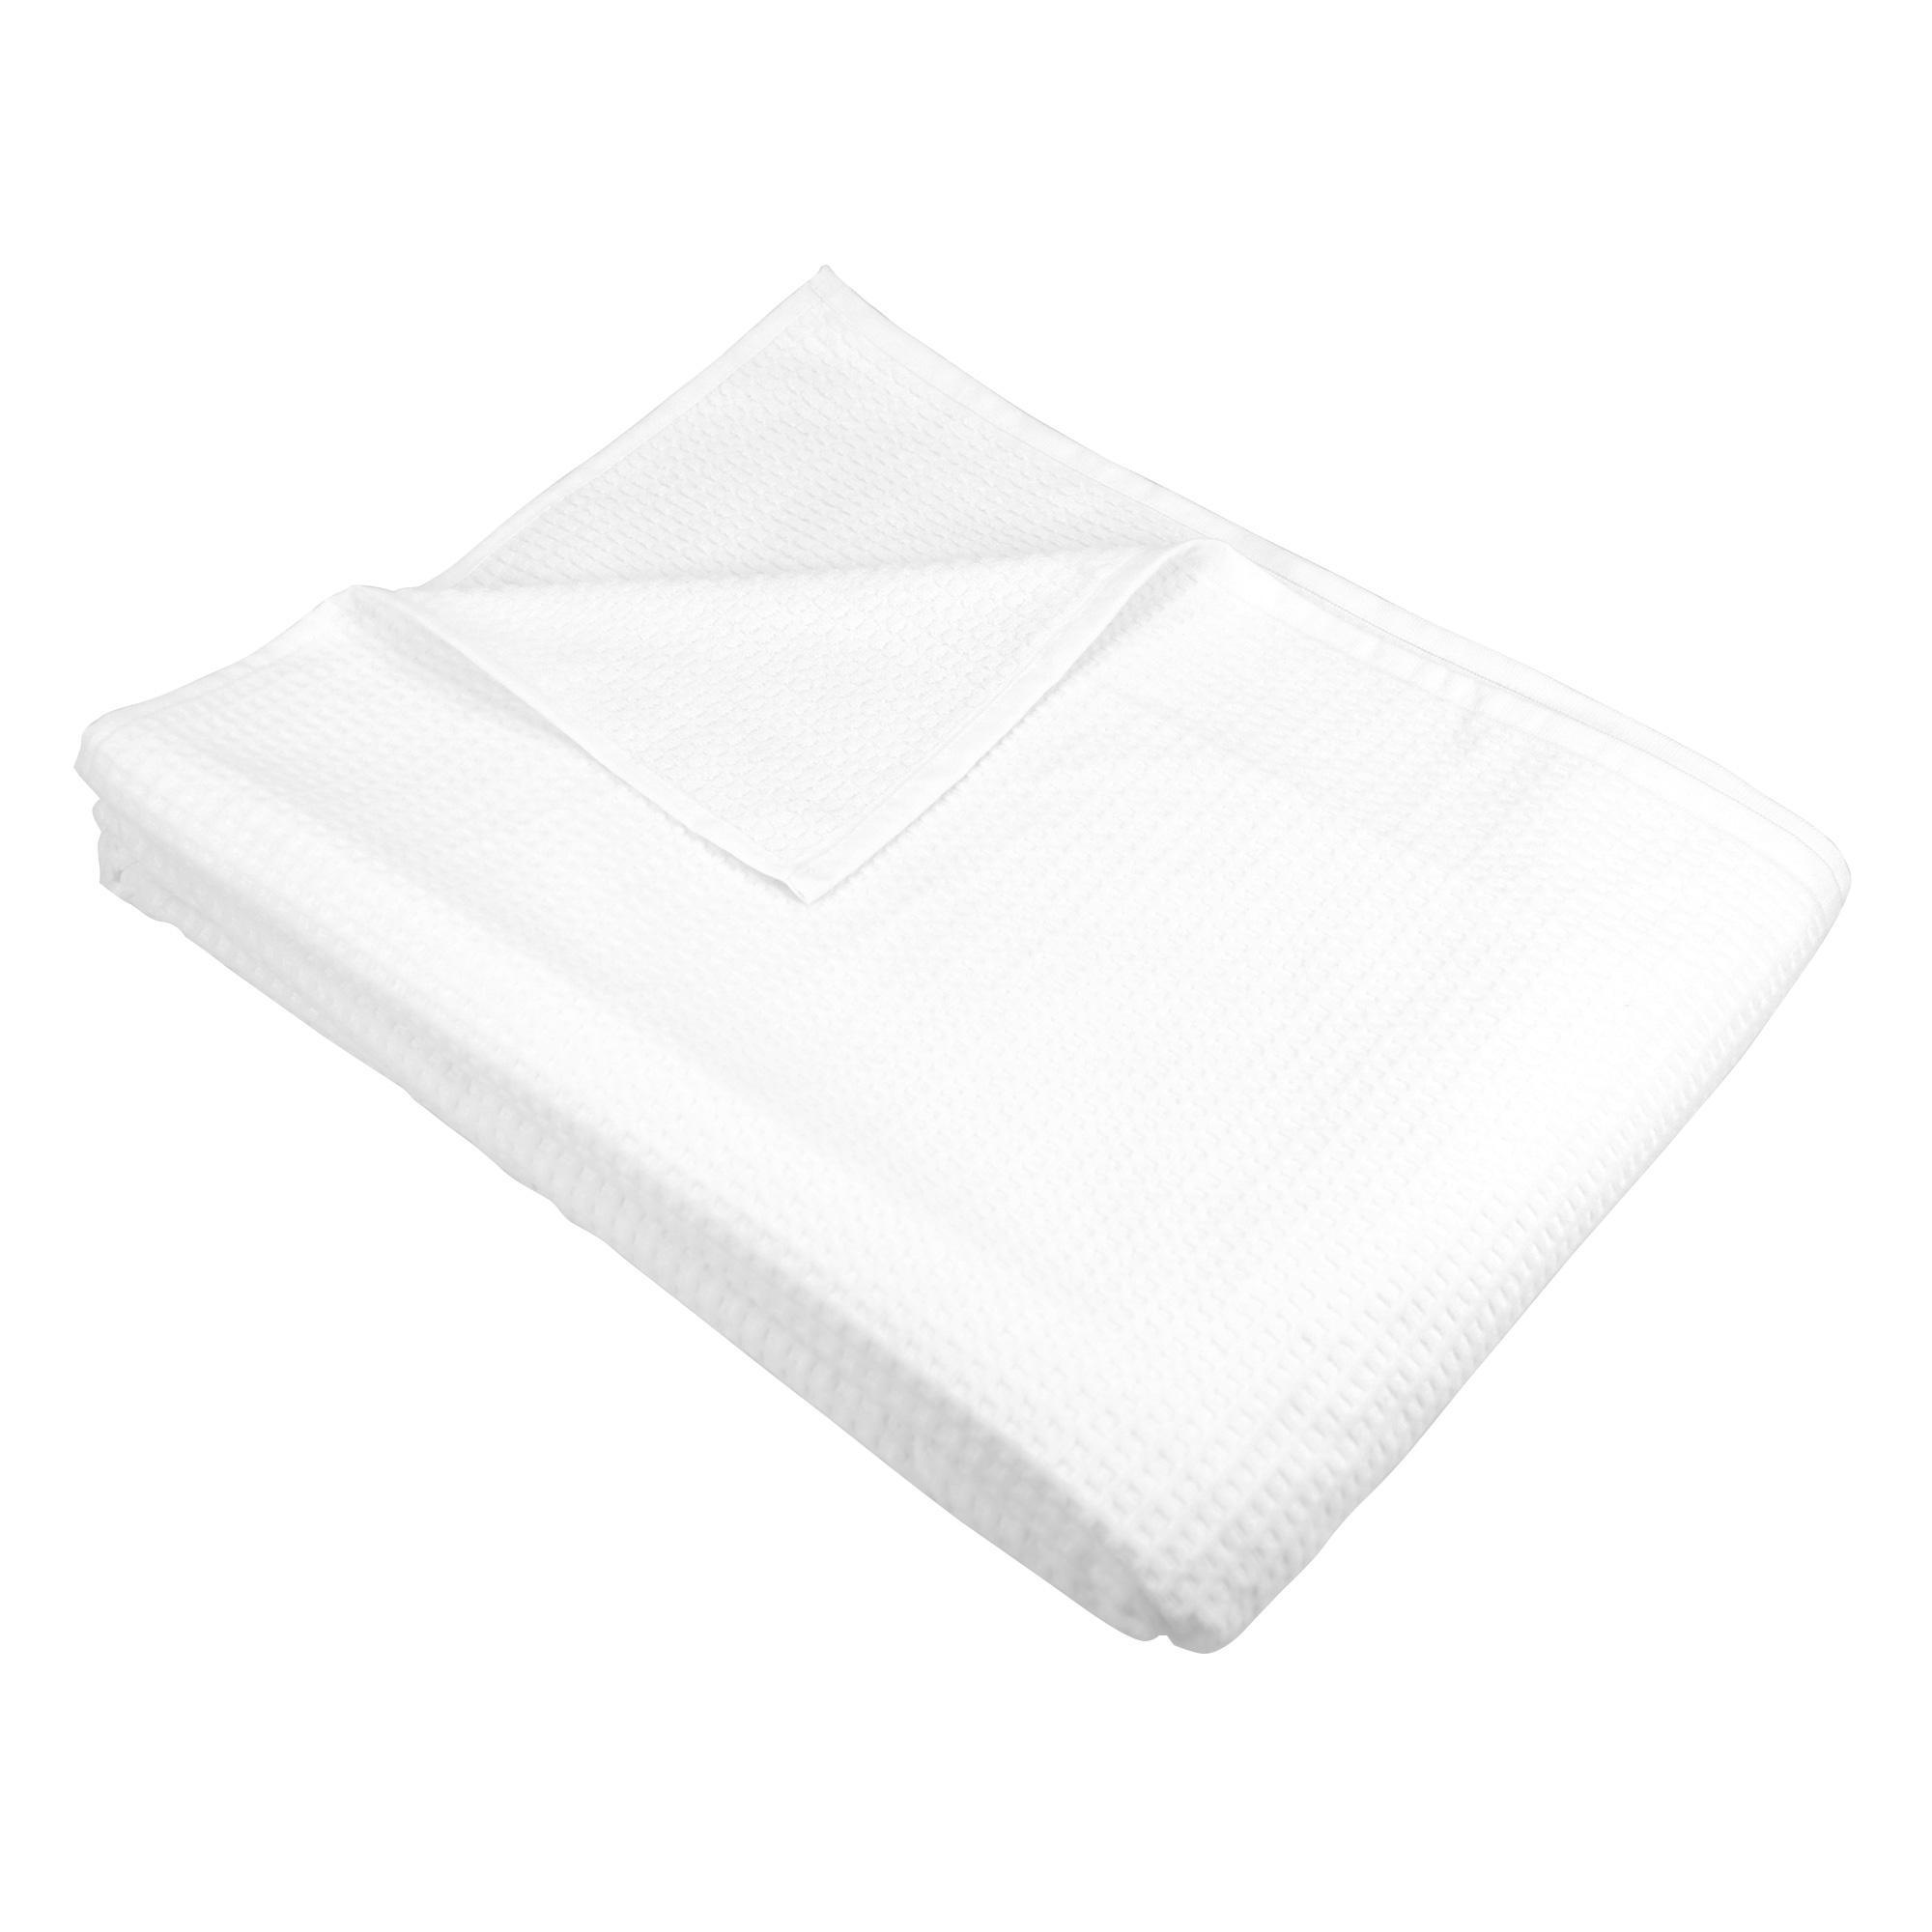 nappe 160x220 cm summer blanc linnea vente de linge de maison. Black Bedroom Furniture Sets. Home Design Ideas